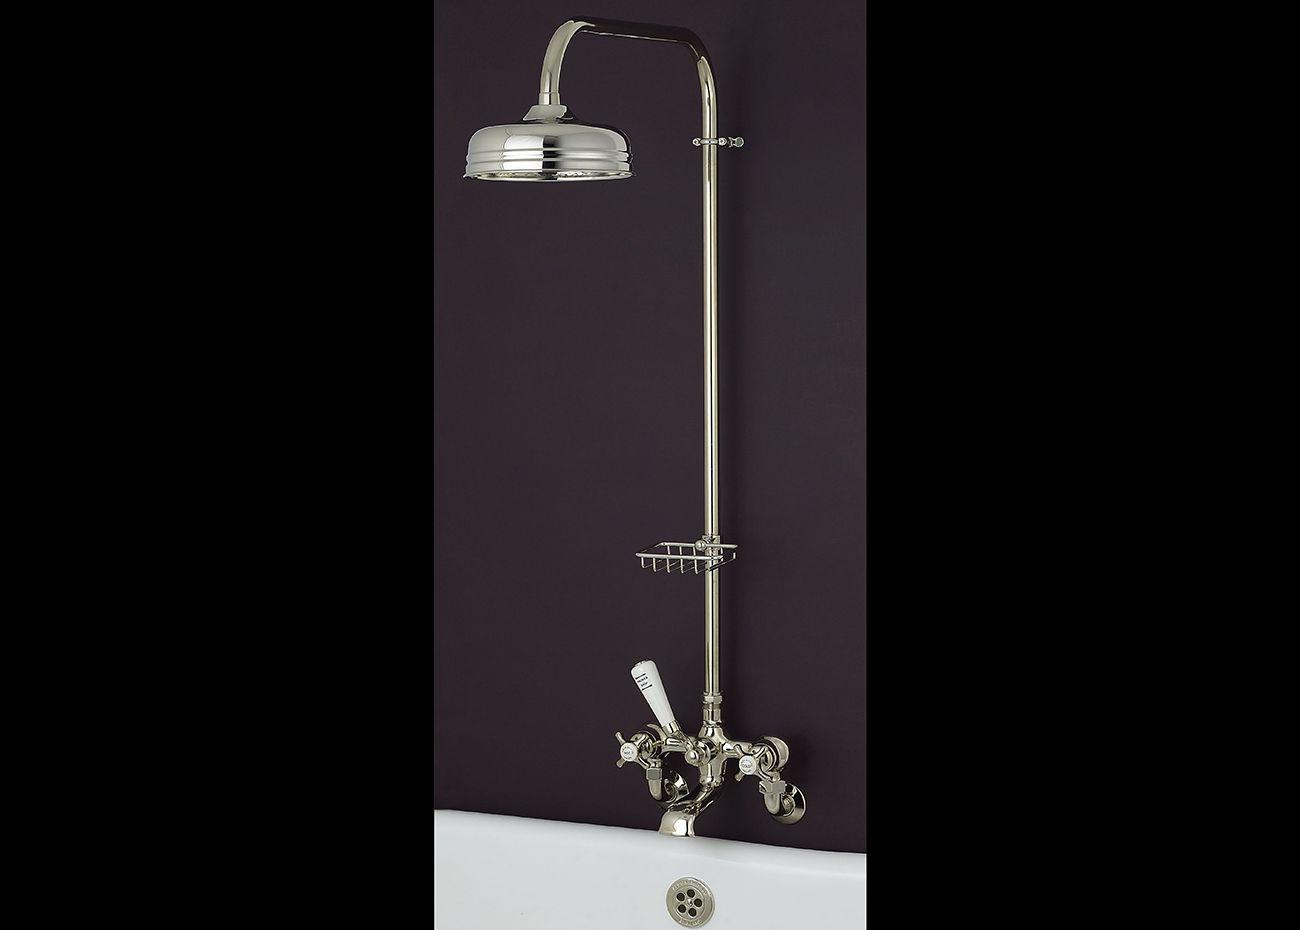 Badkamer Douche Kranen : Amie douchekranen opbouw en inbouw douchekranen douche douches